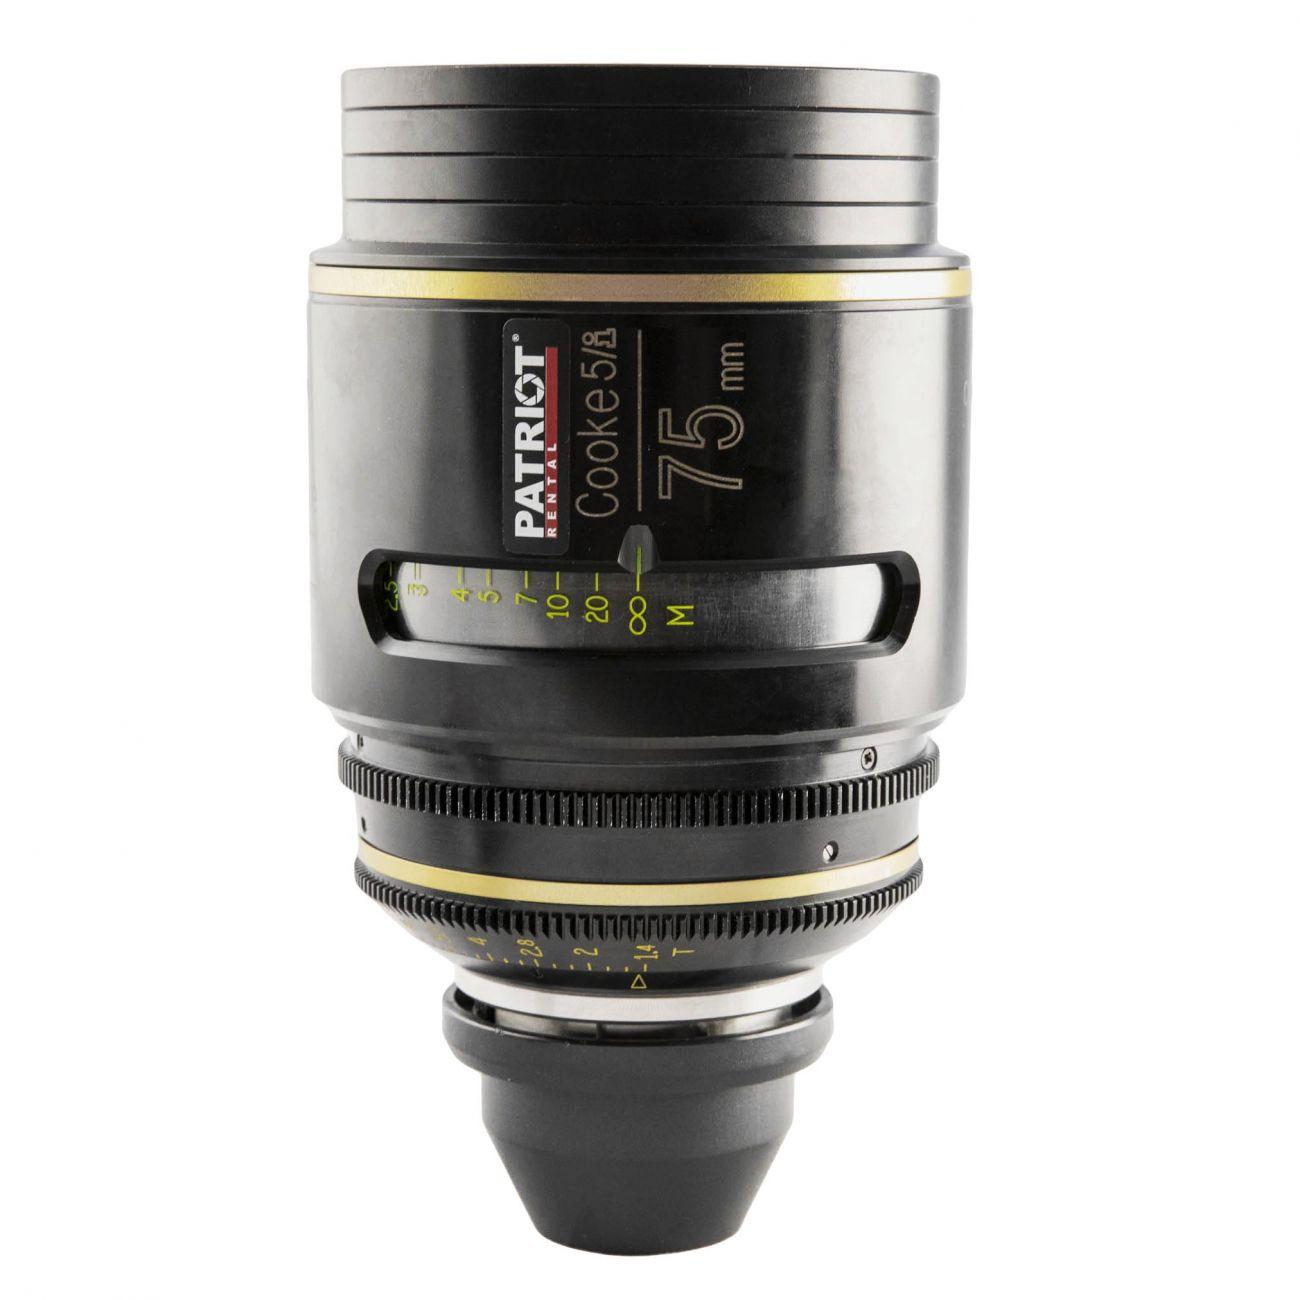 75mm COOKE 5/i lens T1.4